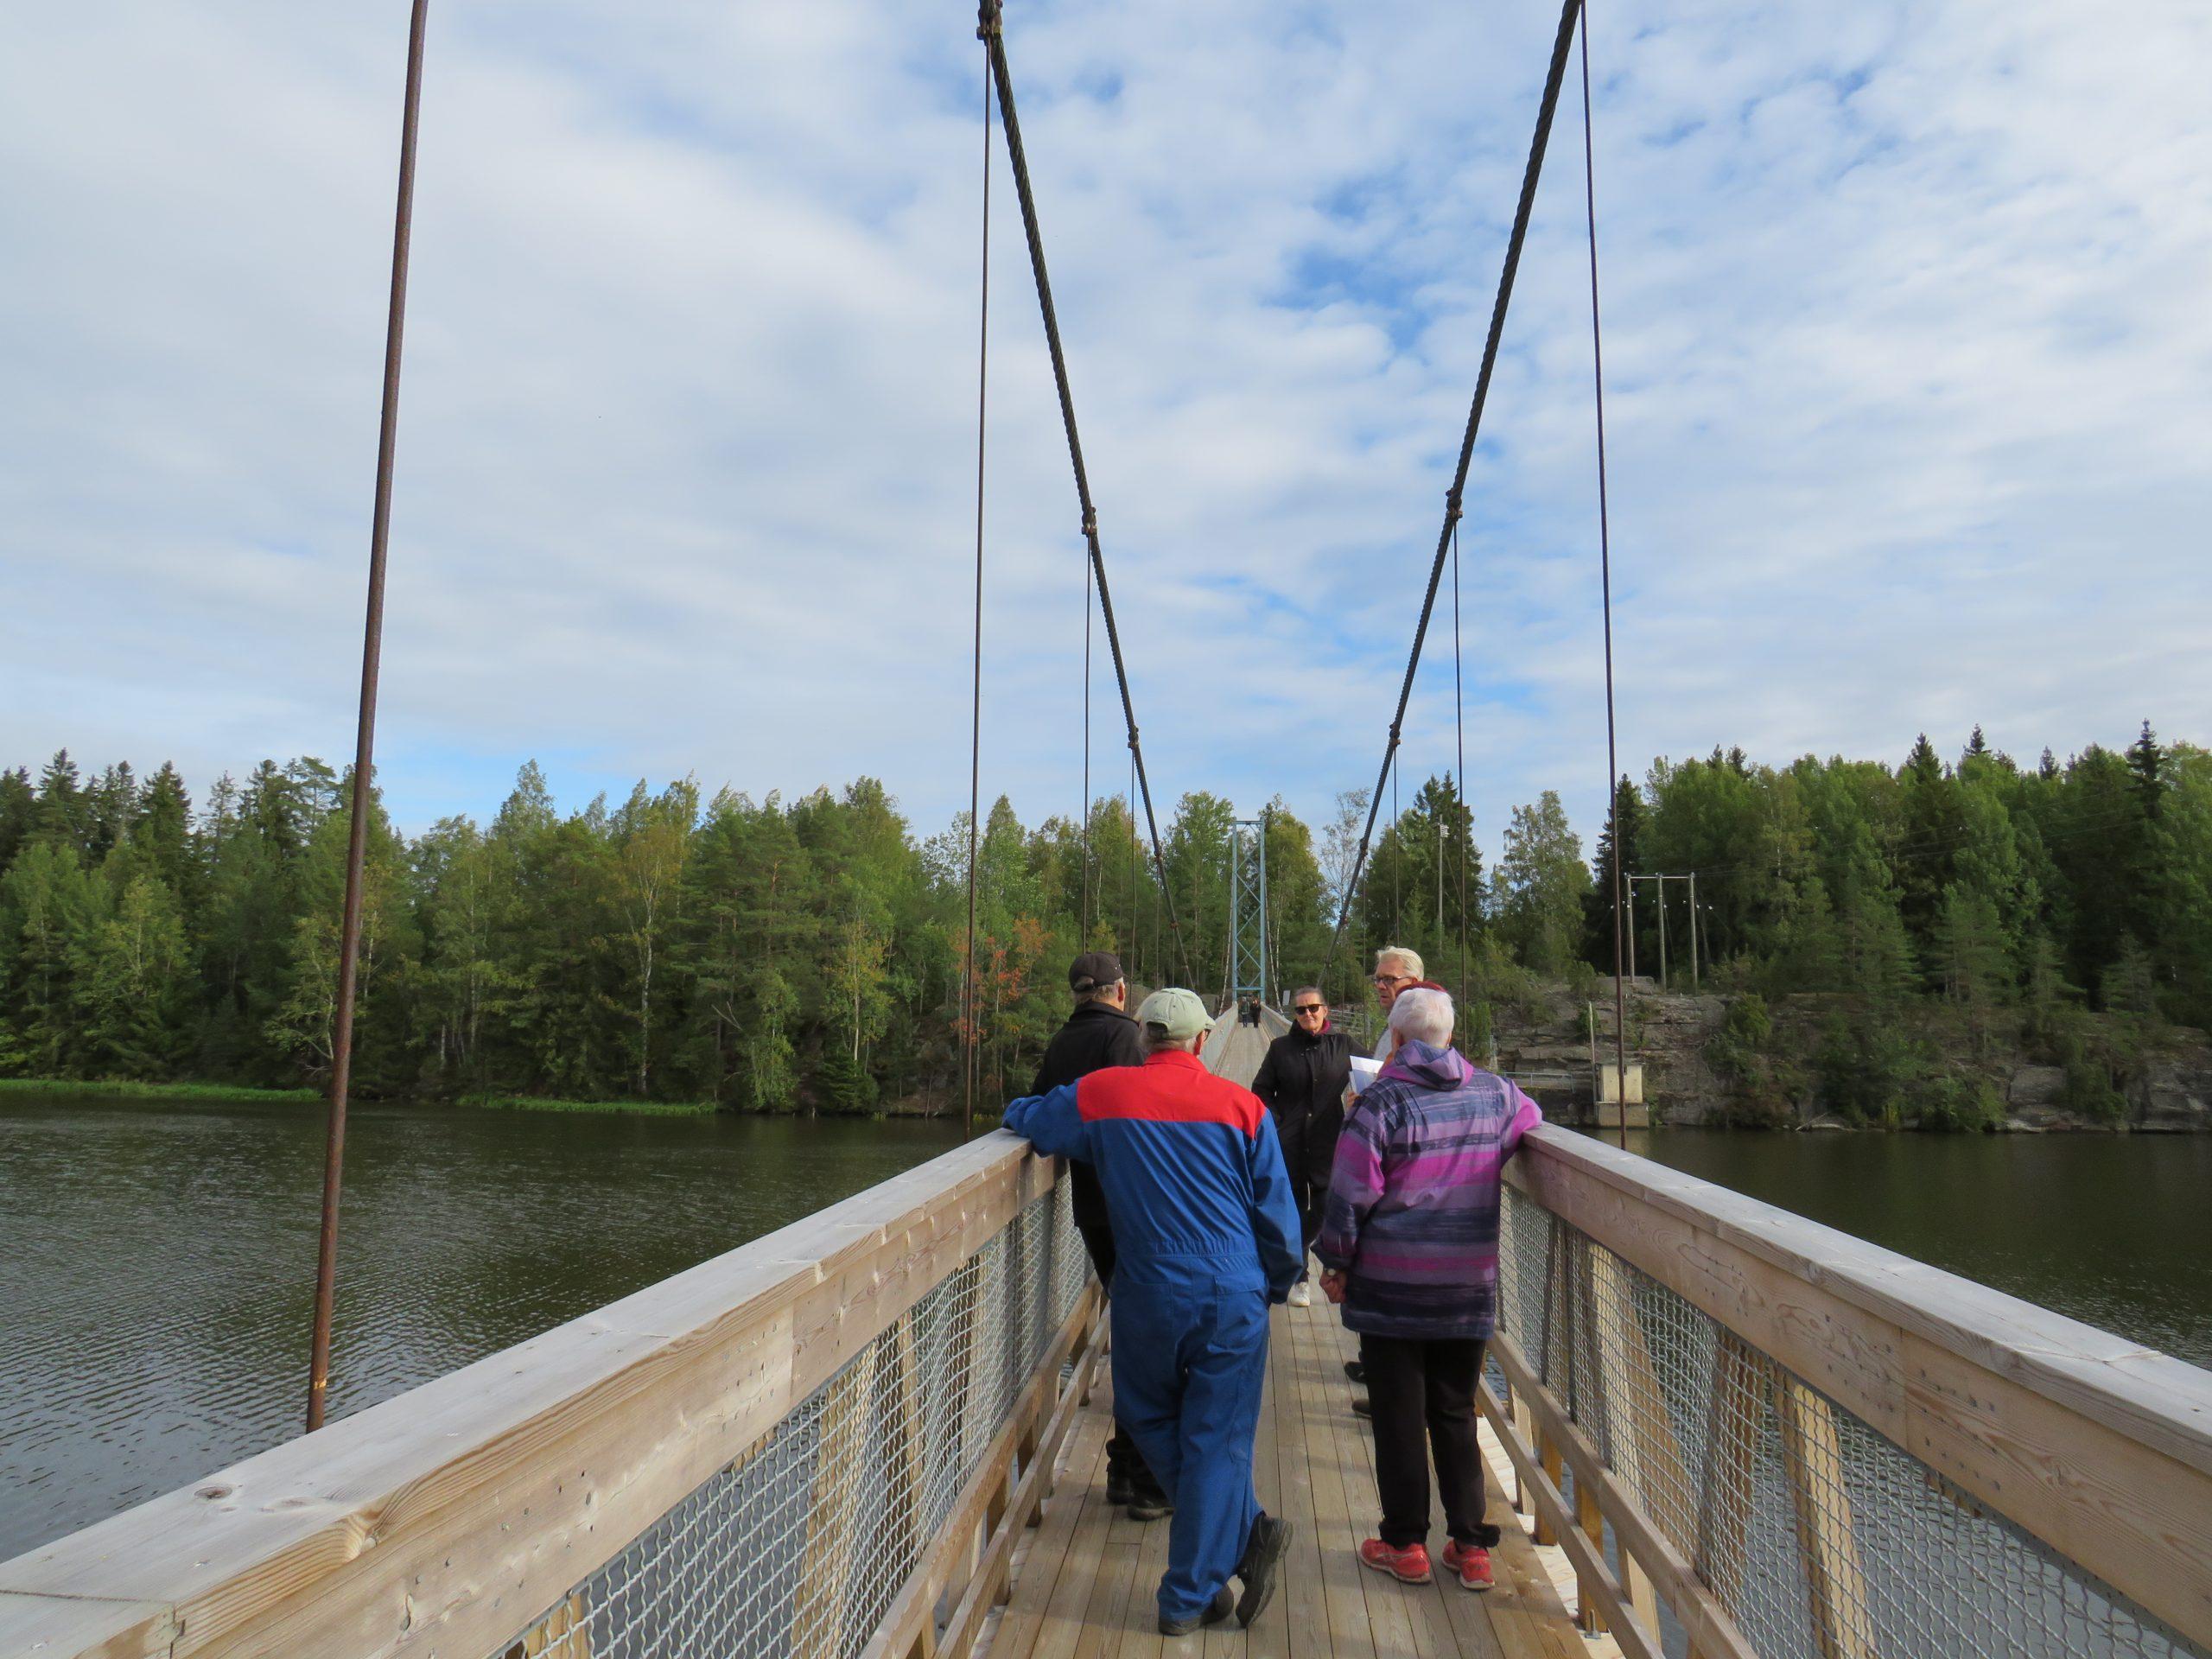 Kuvassa työryhmäläisiä ja yhdistyksen jäseniä seisomassa sillalla ja keskustelemassa.